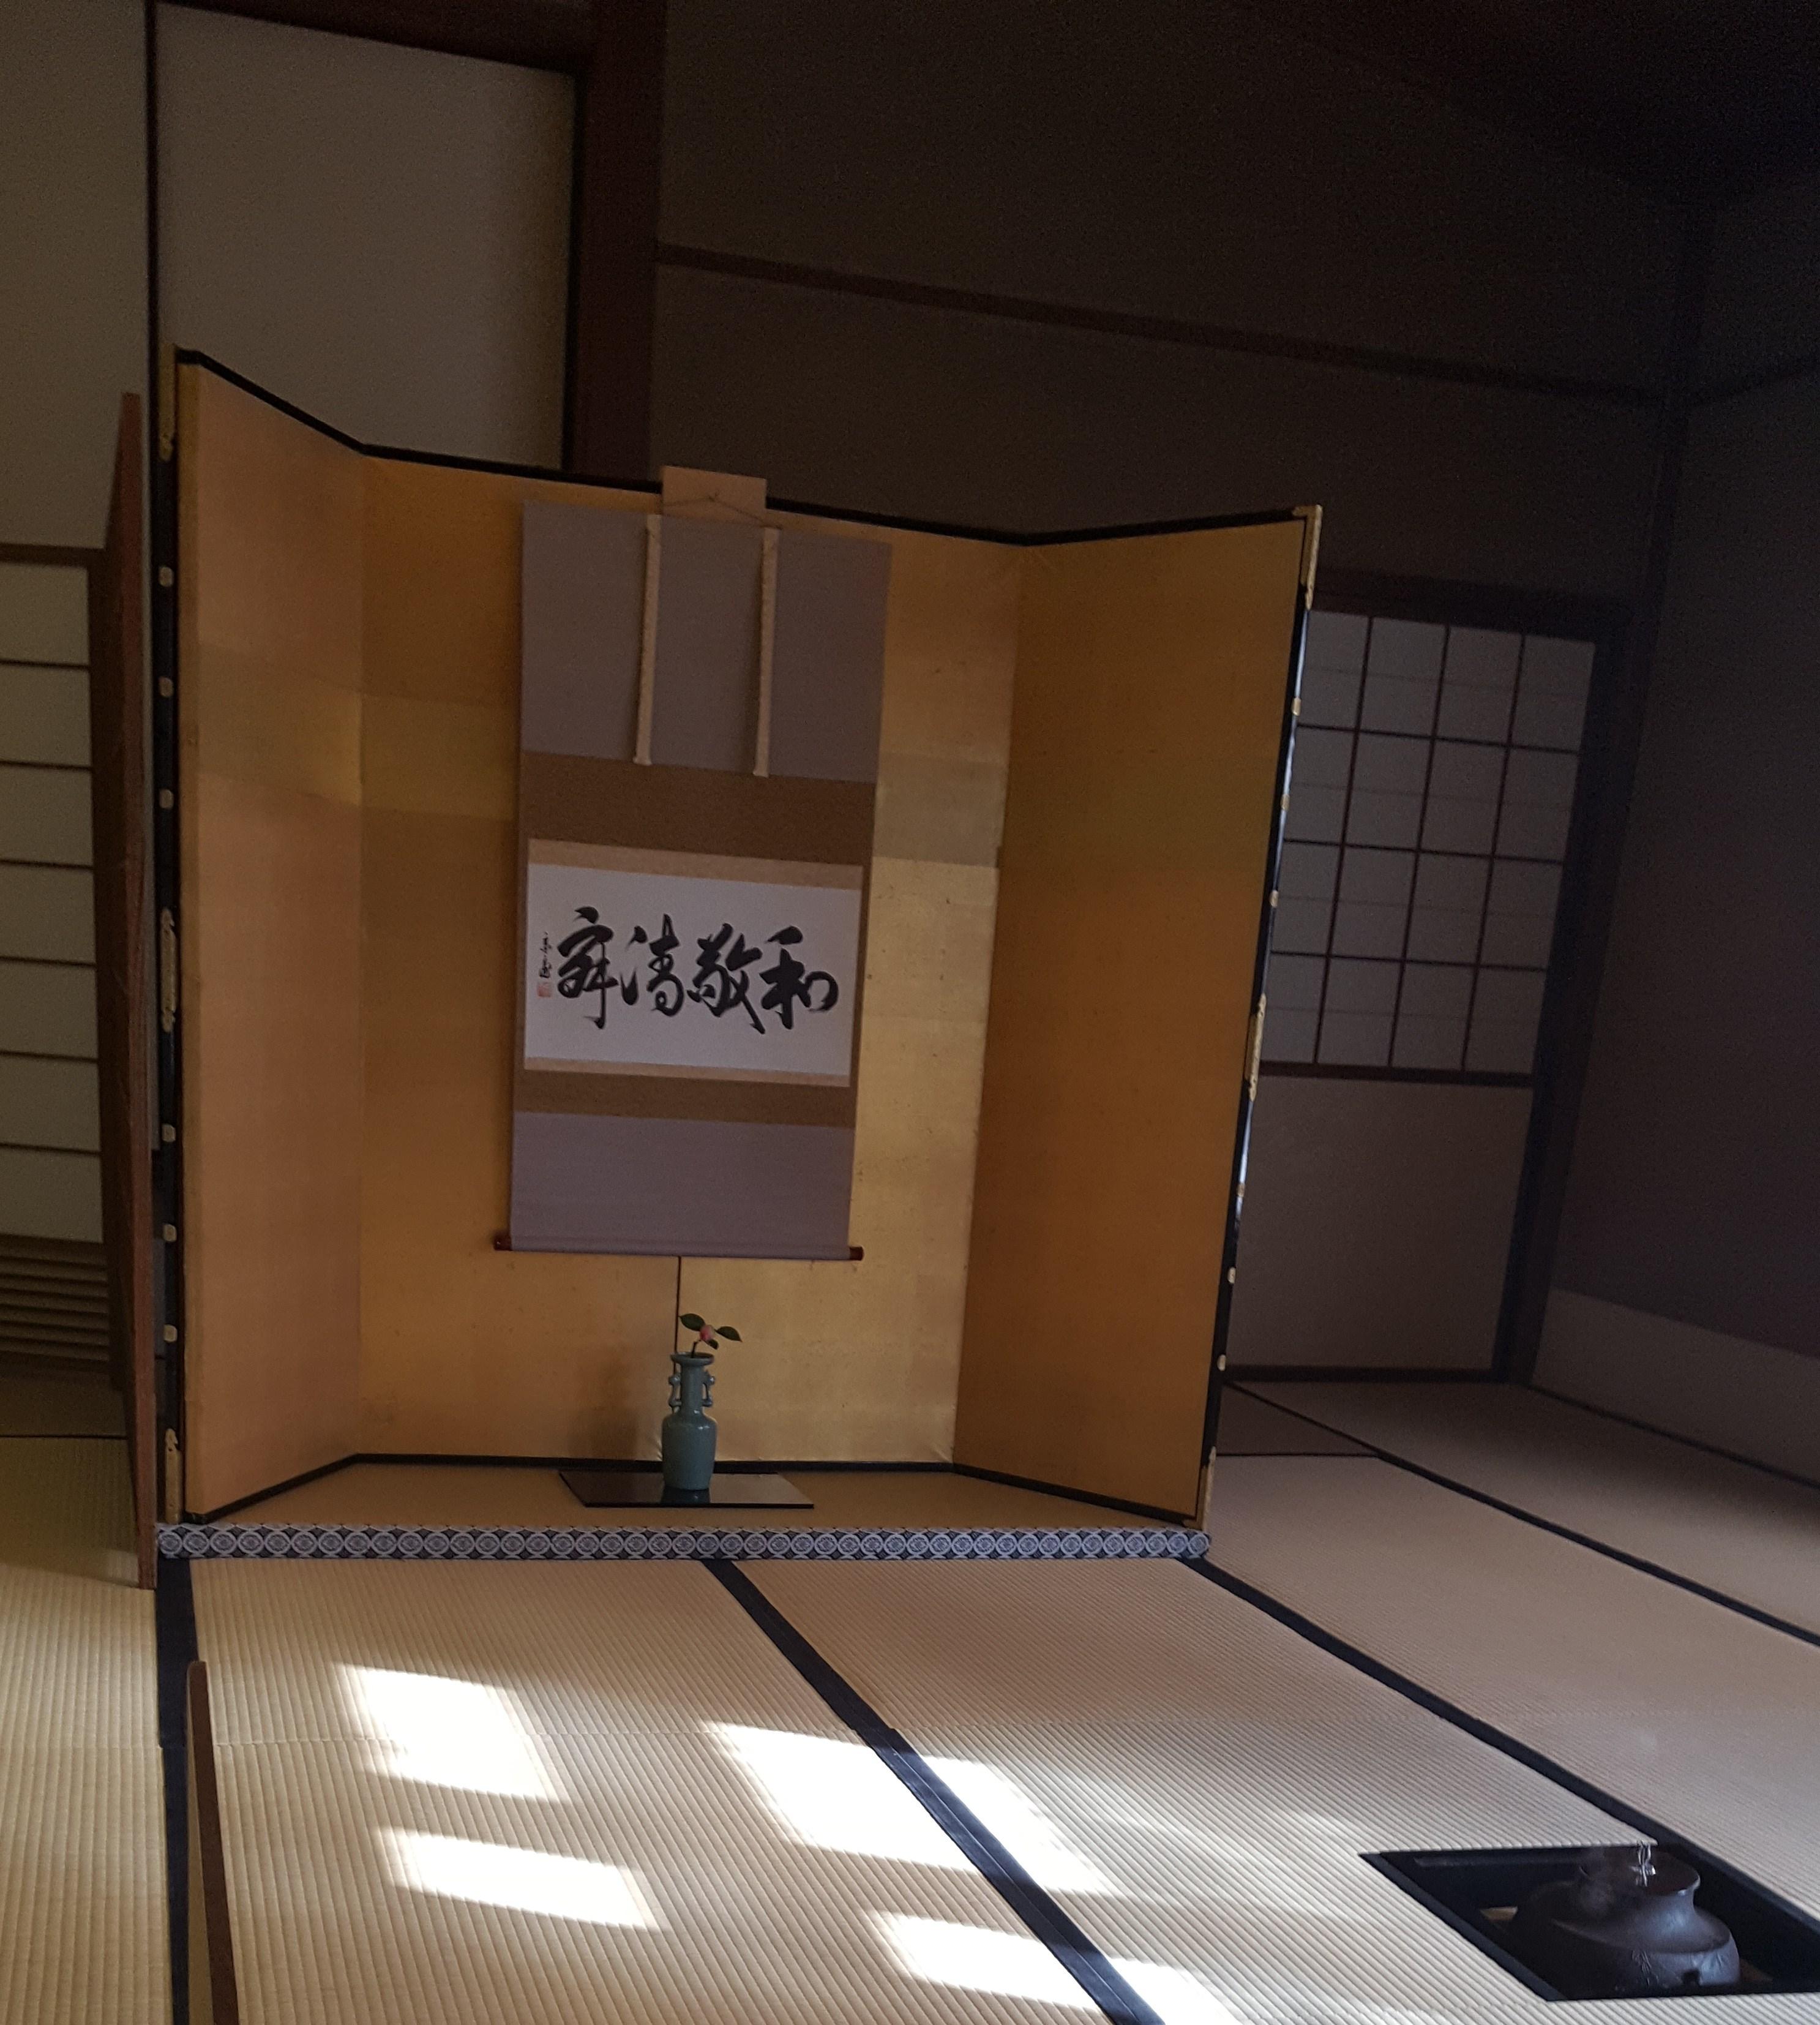 20161207_140831.jpg